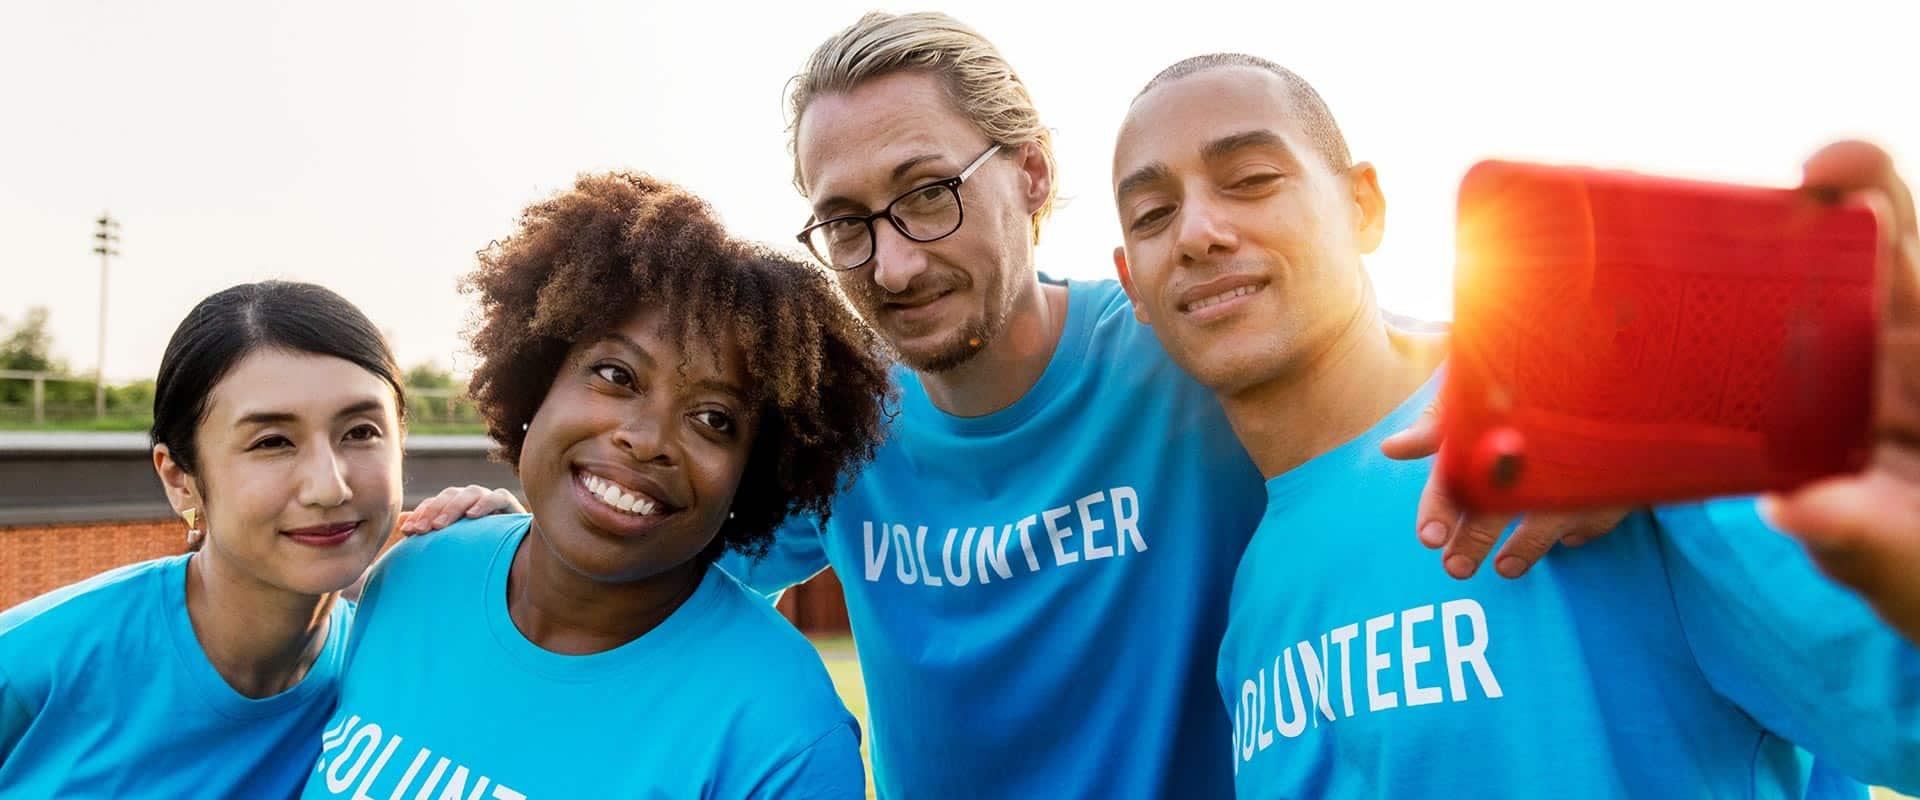 Building Our Paul PCS Community Through Service